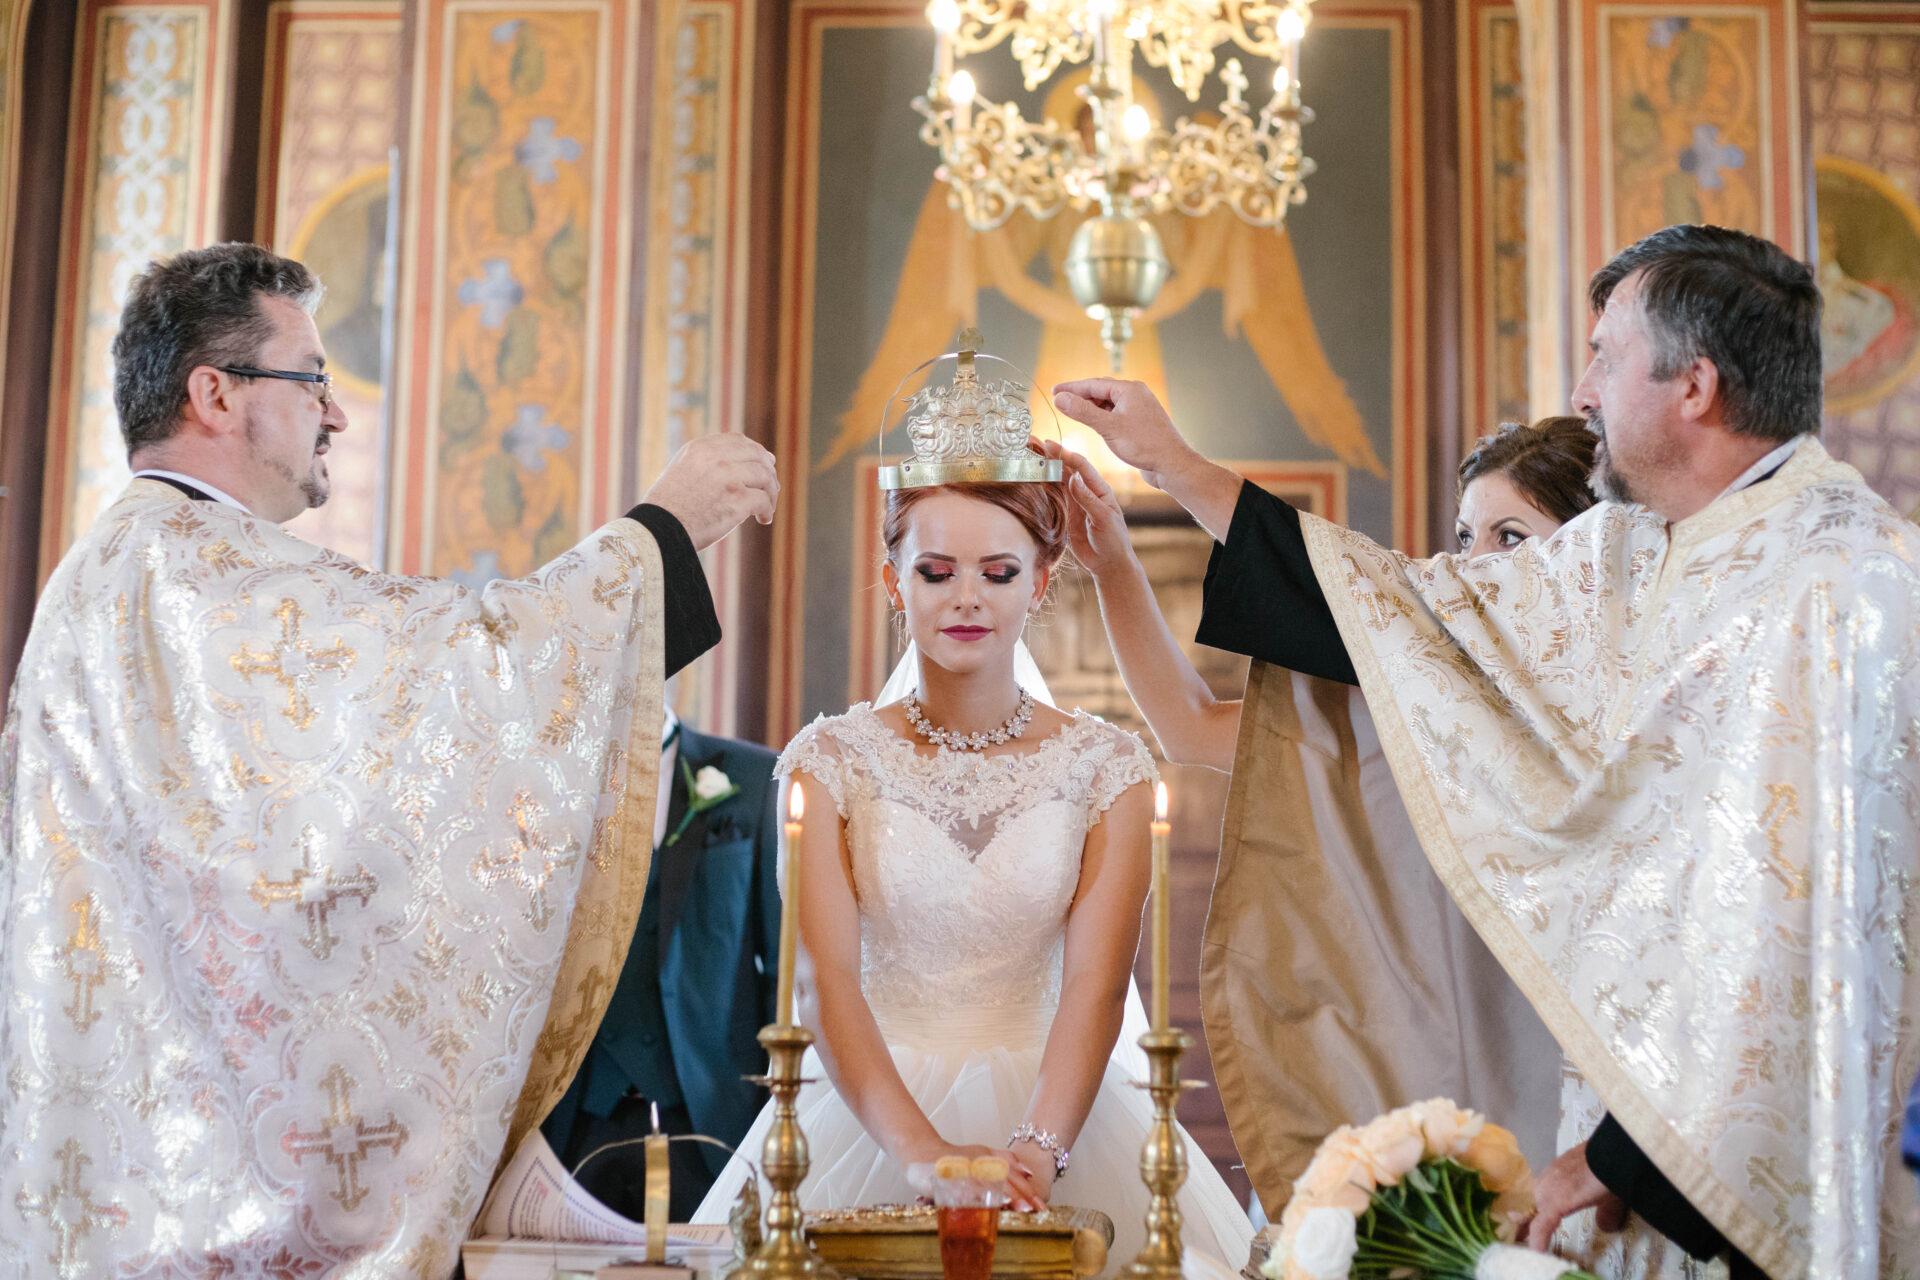 Fotograf evenimente Targu Jiu, Gorj, nunti, botezuri, sedinte foto, majorate, fotografie de produs, fotografie de promovare.